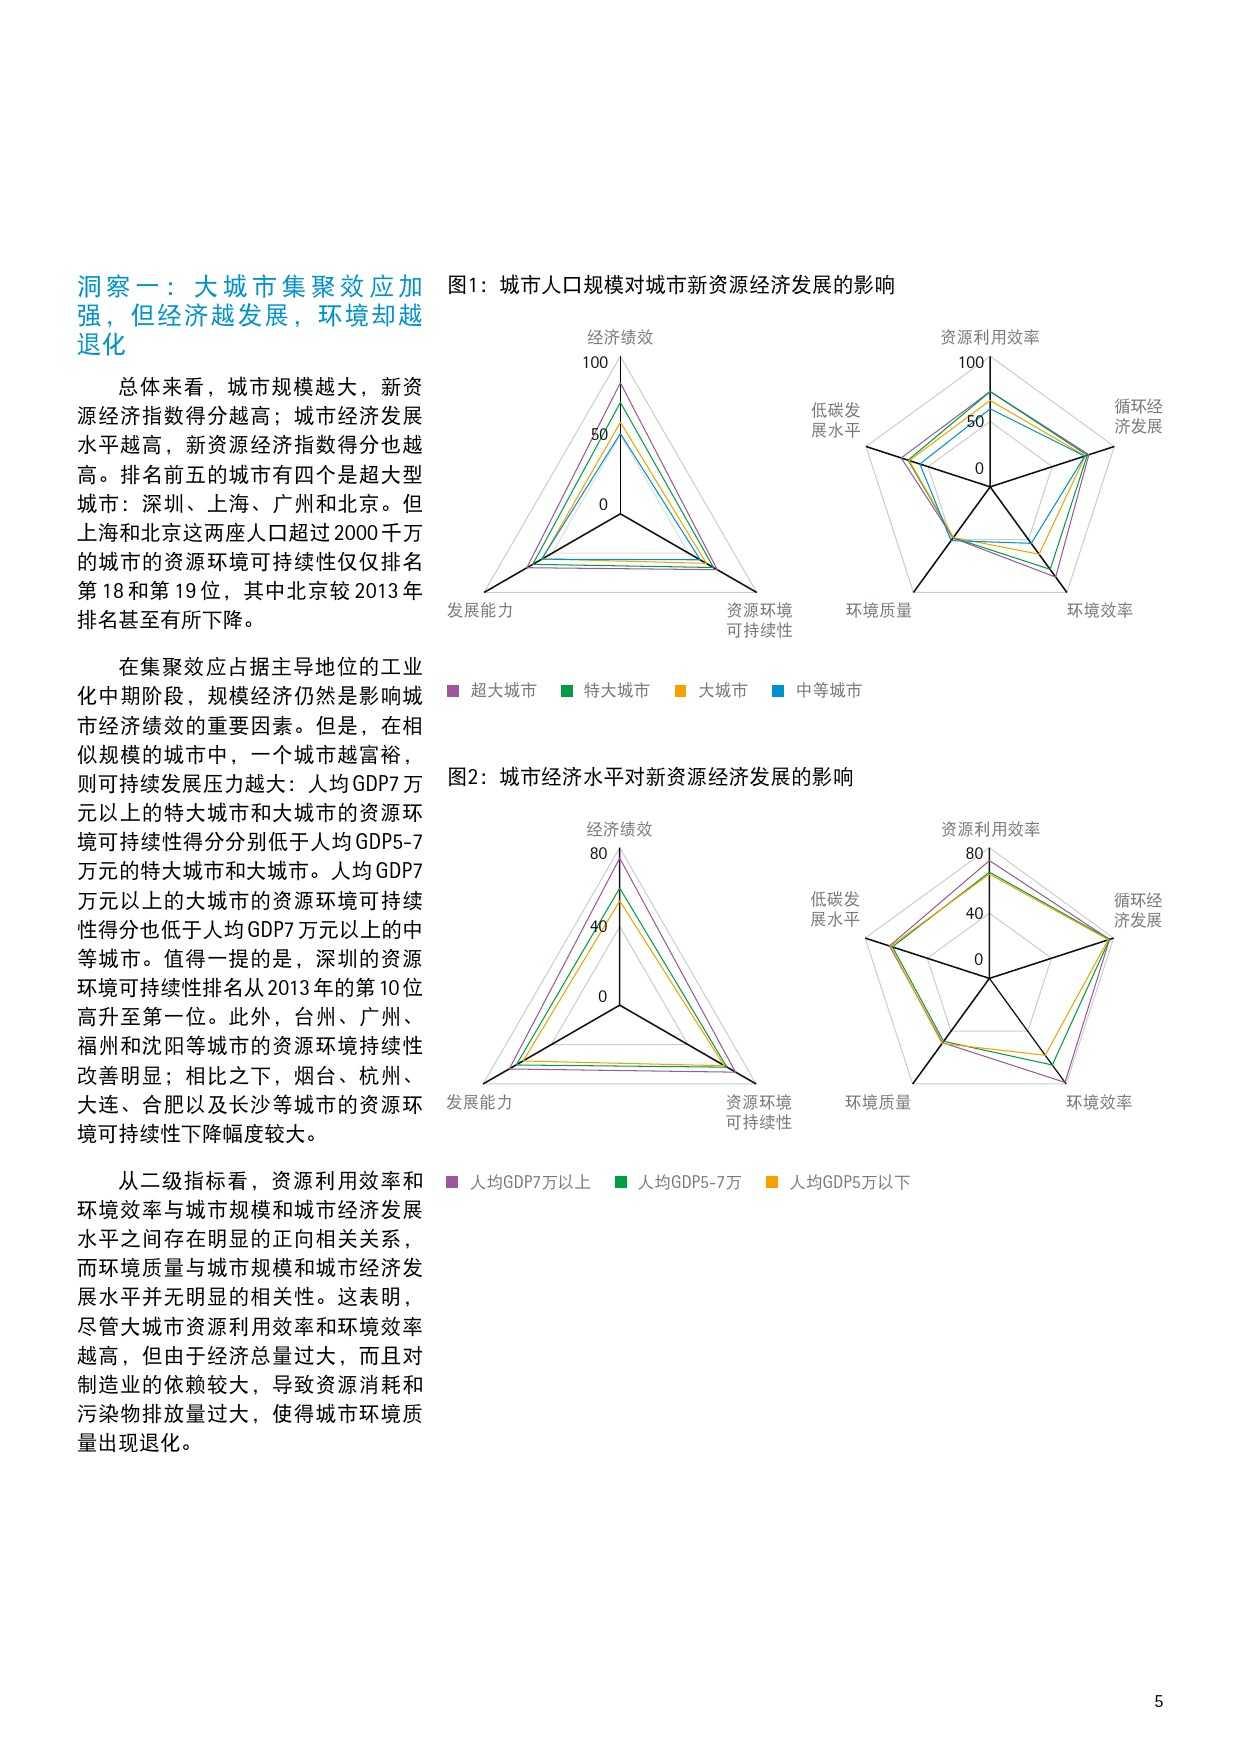 埃森哲&中科院:2015年新资源经济城市指数_000005